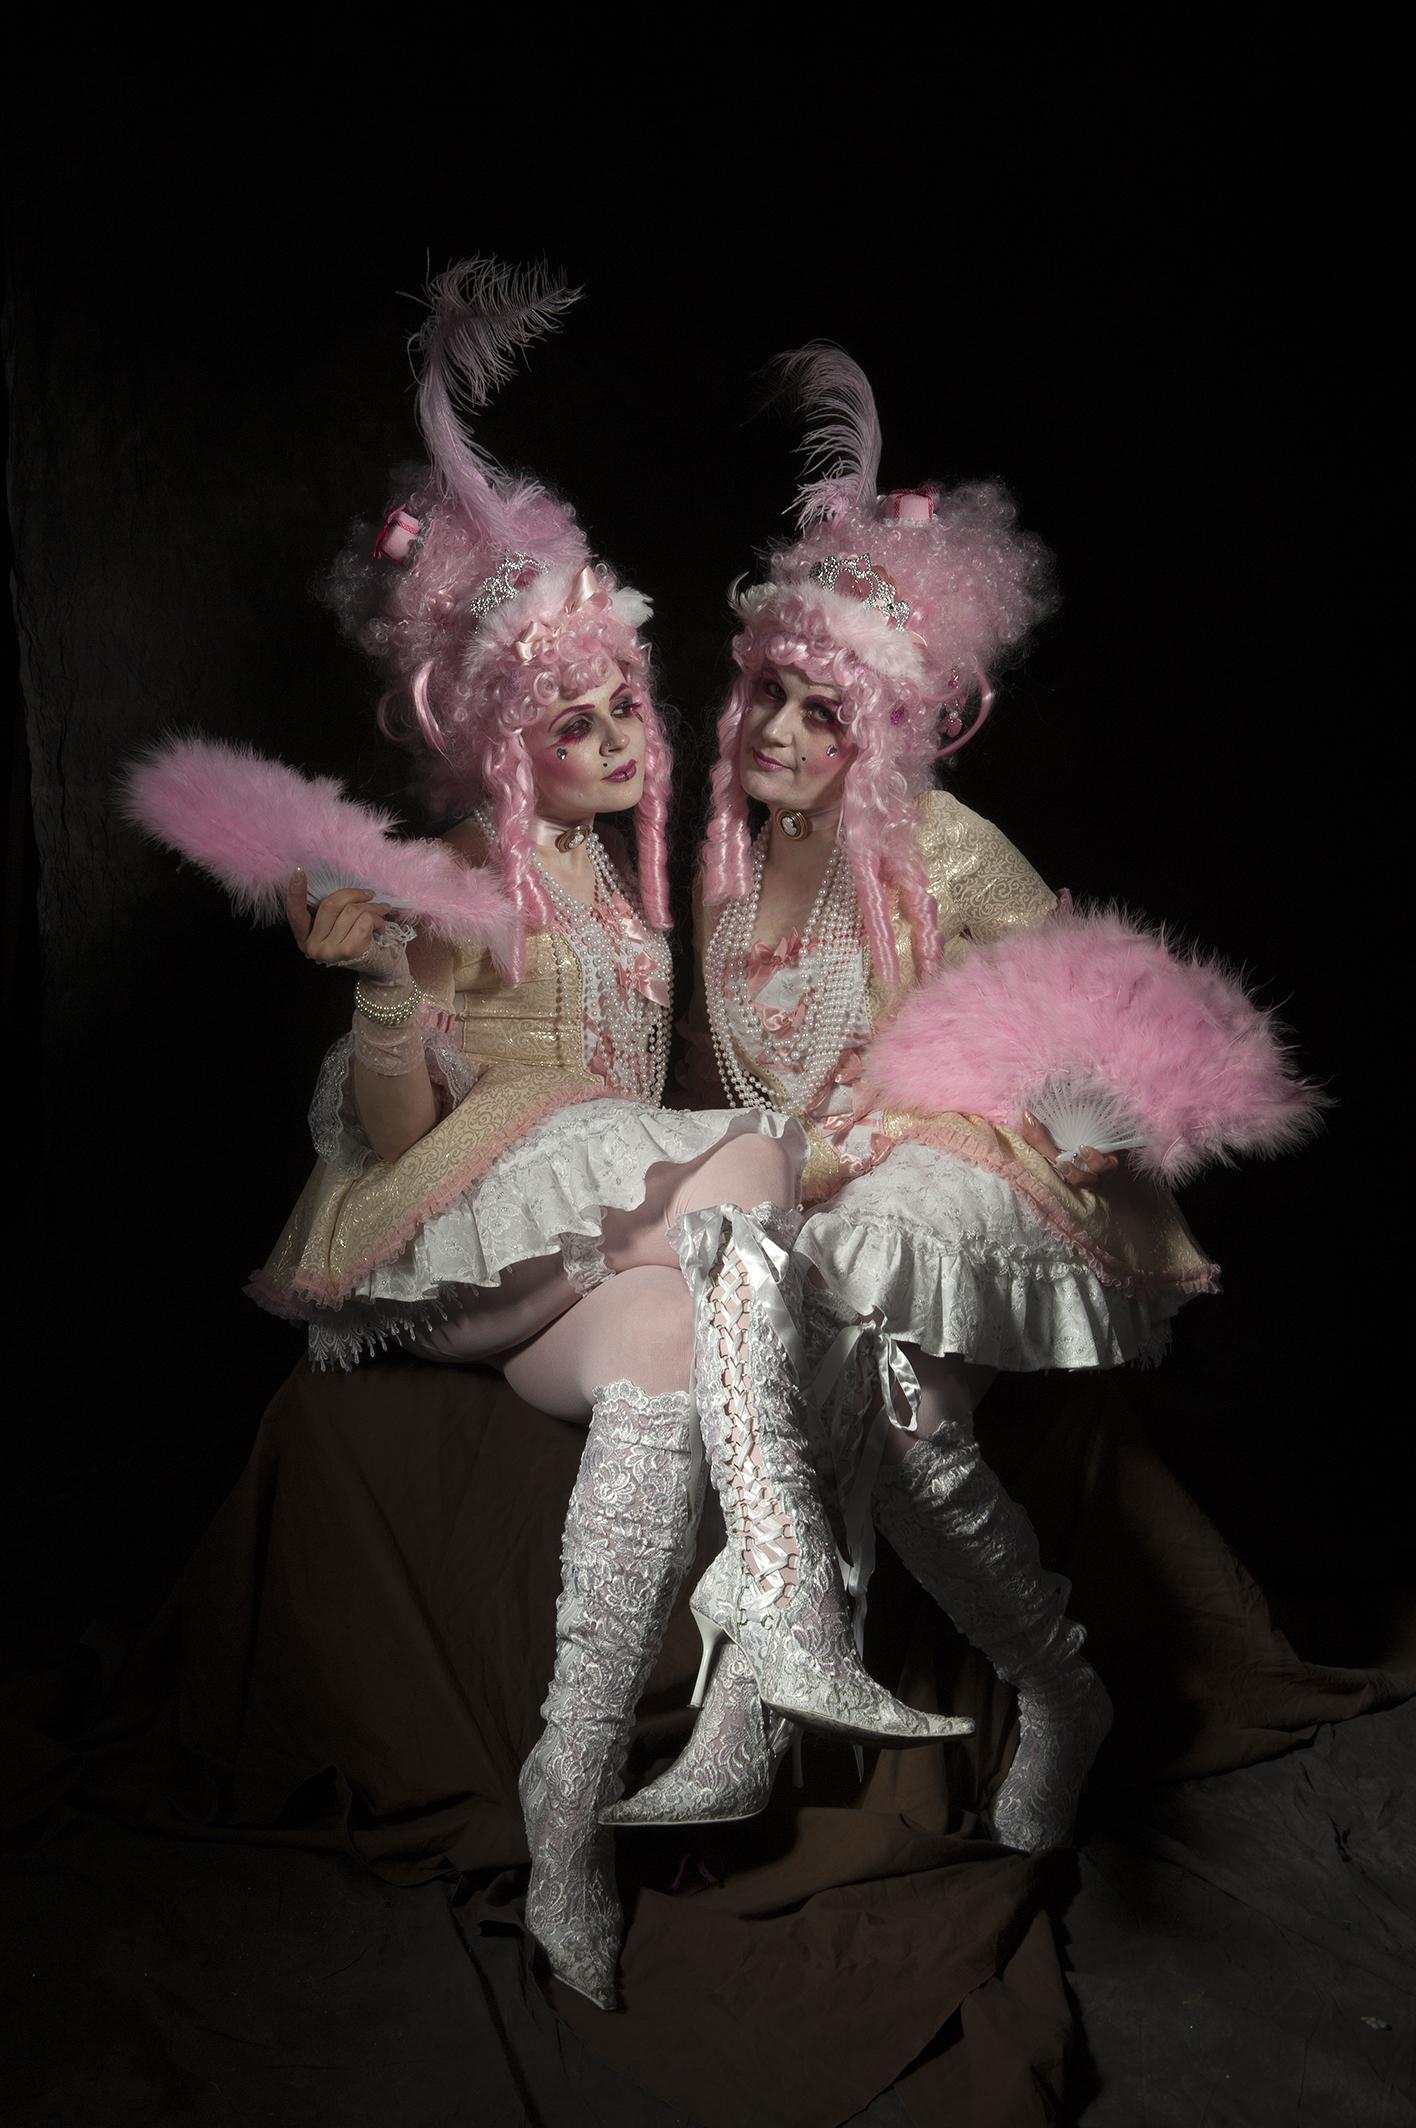 Barock - Masquerade